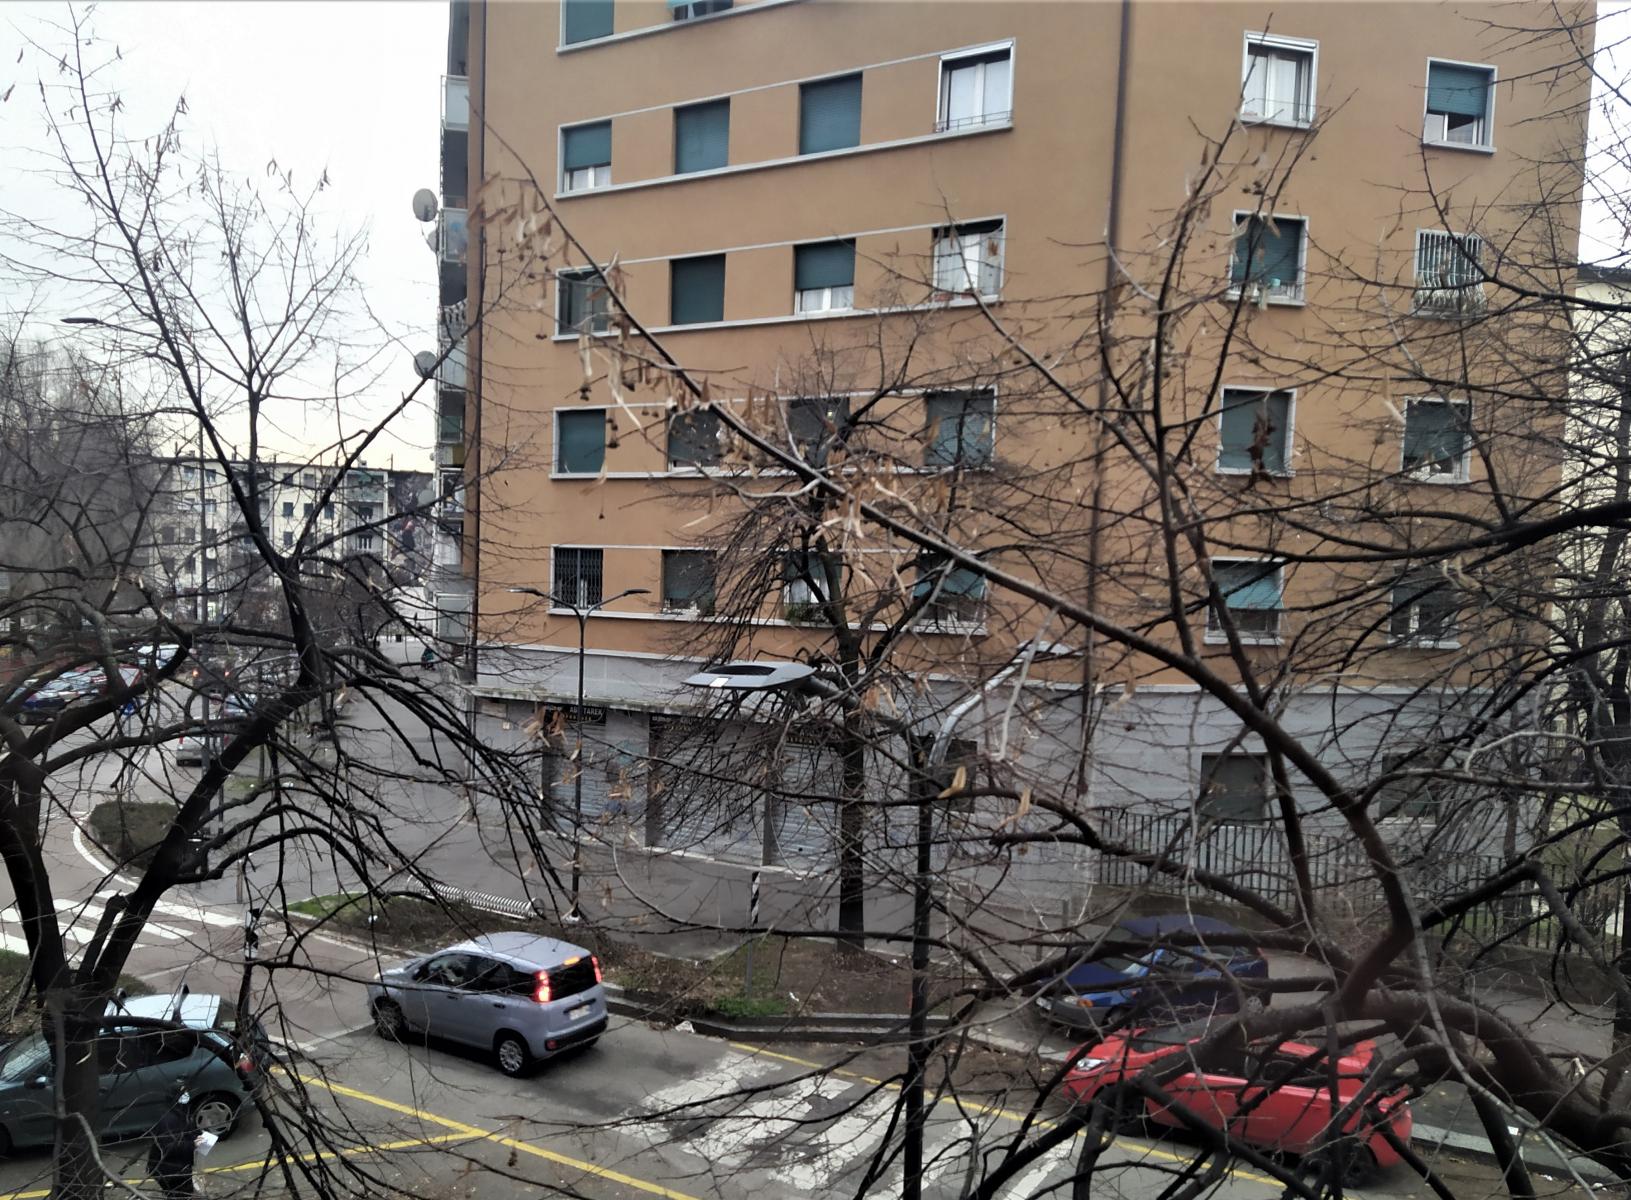 appartamento-in-vendita-piazza-seminunte-tre-locali-milano-da-ristrutturare-spaziourbano-immobiliare-dove-trovi-casa-12